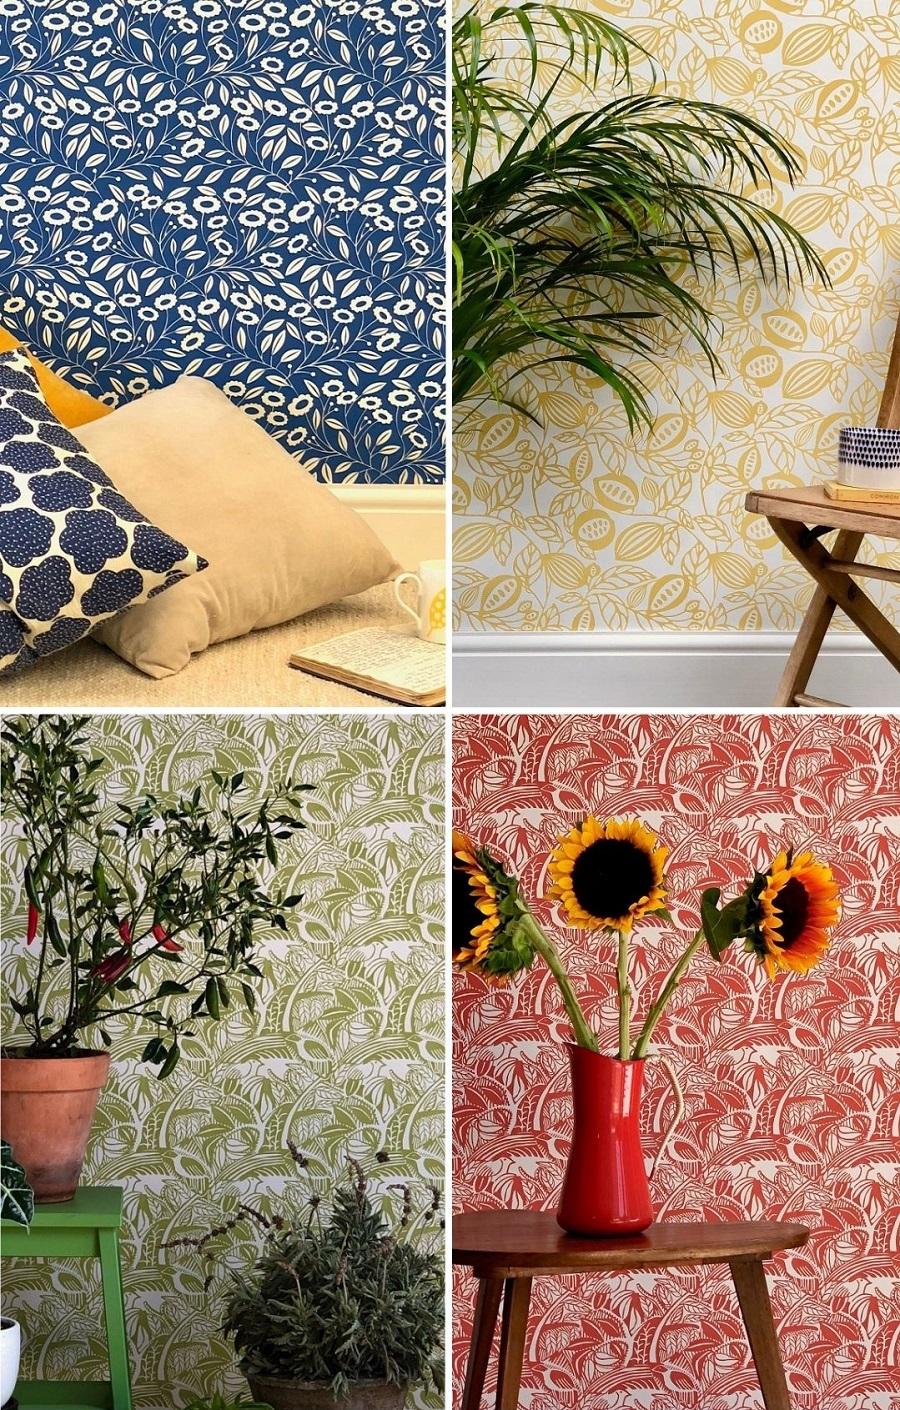 Wallpaper Designer Fiona Howard